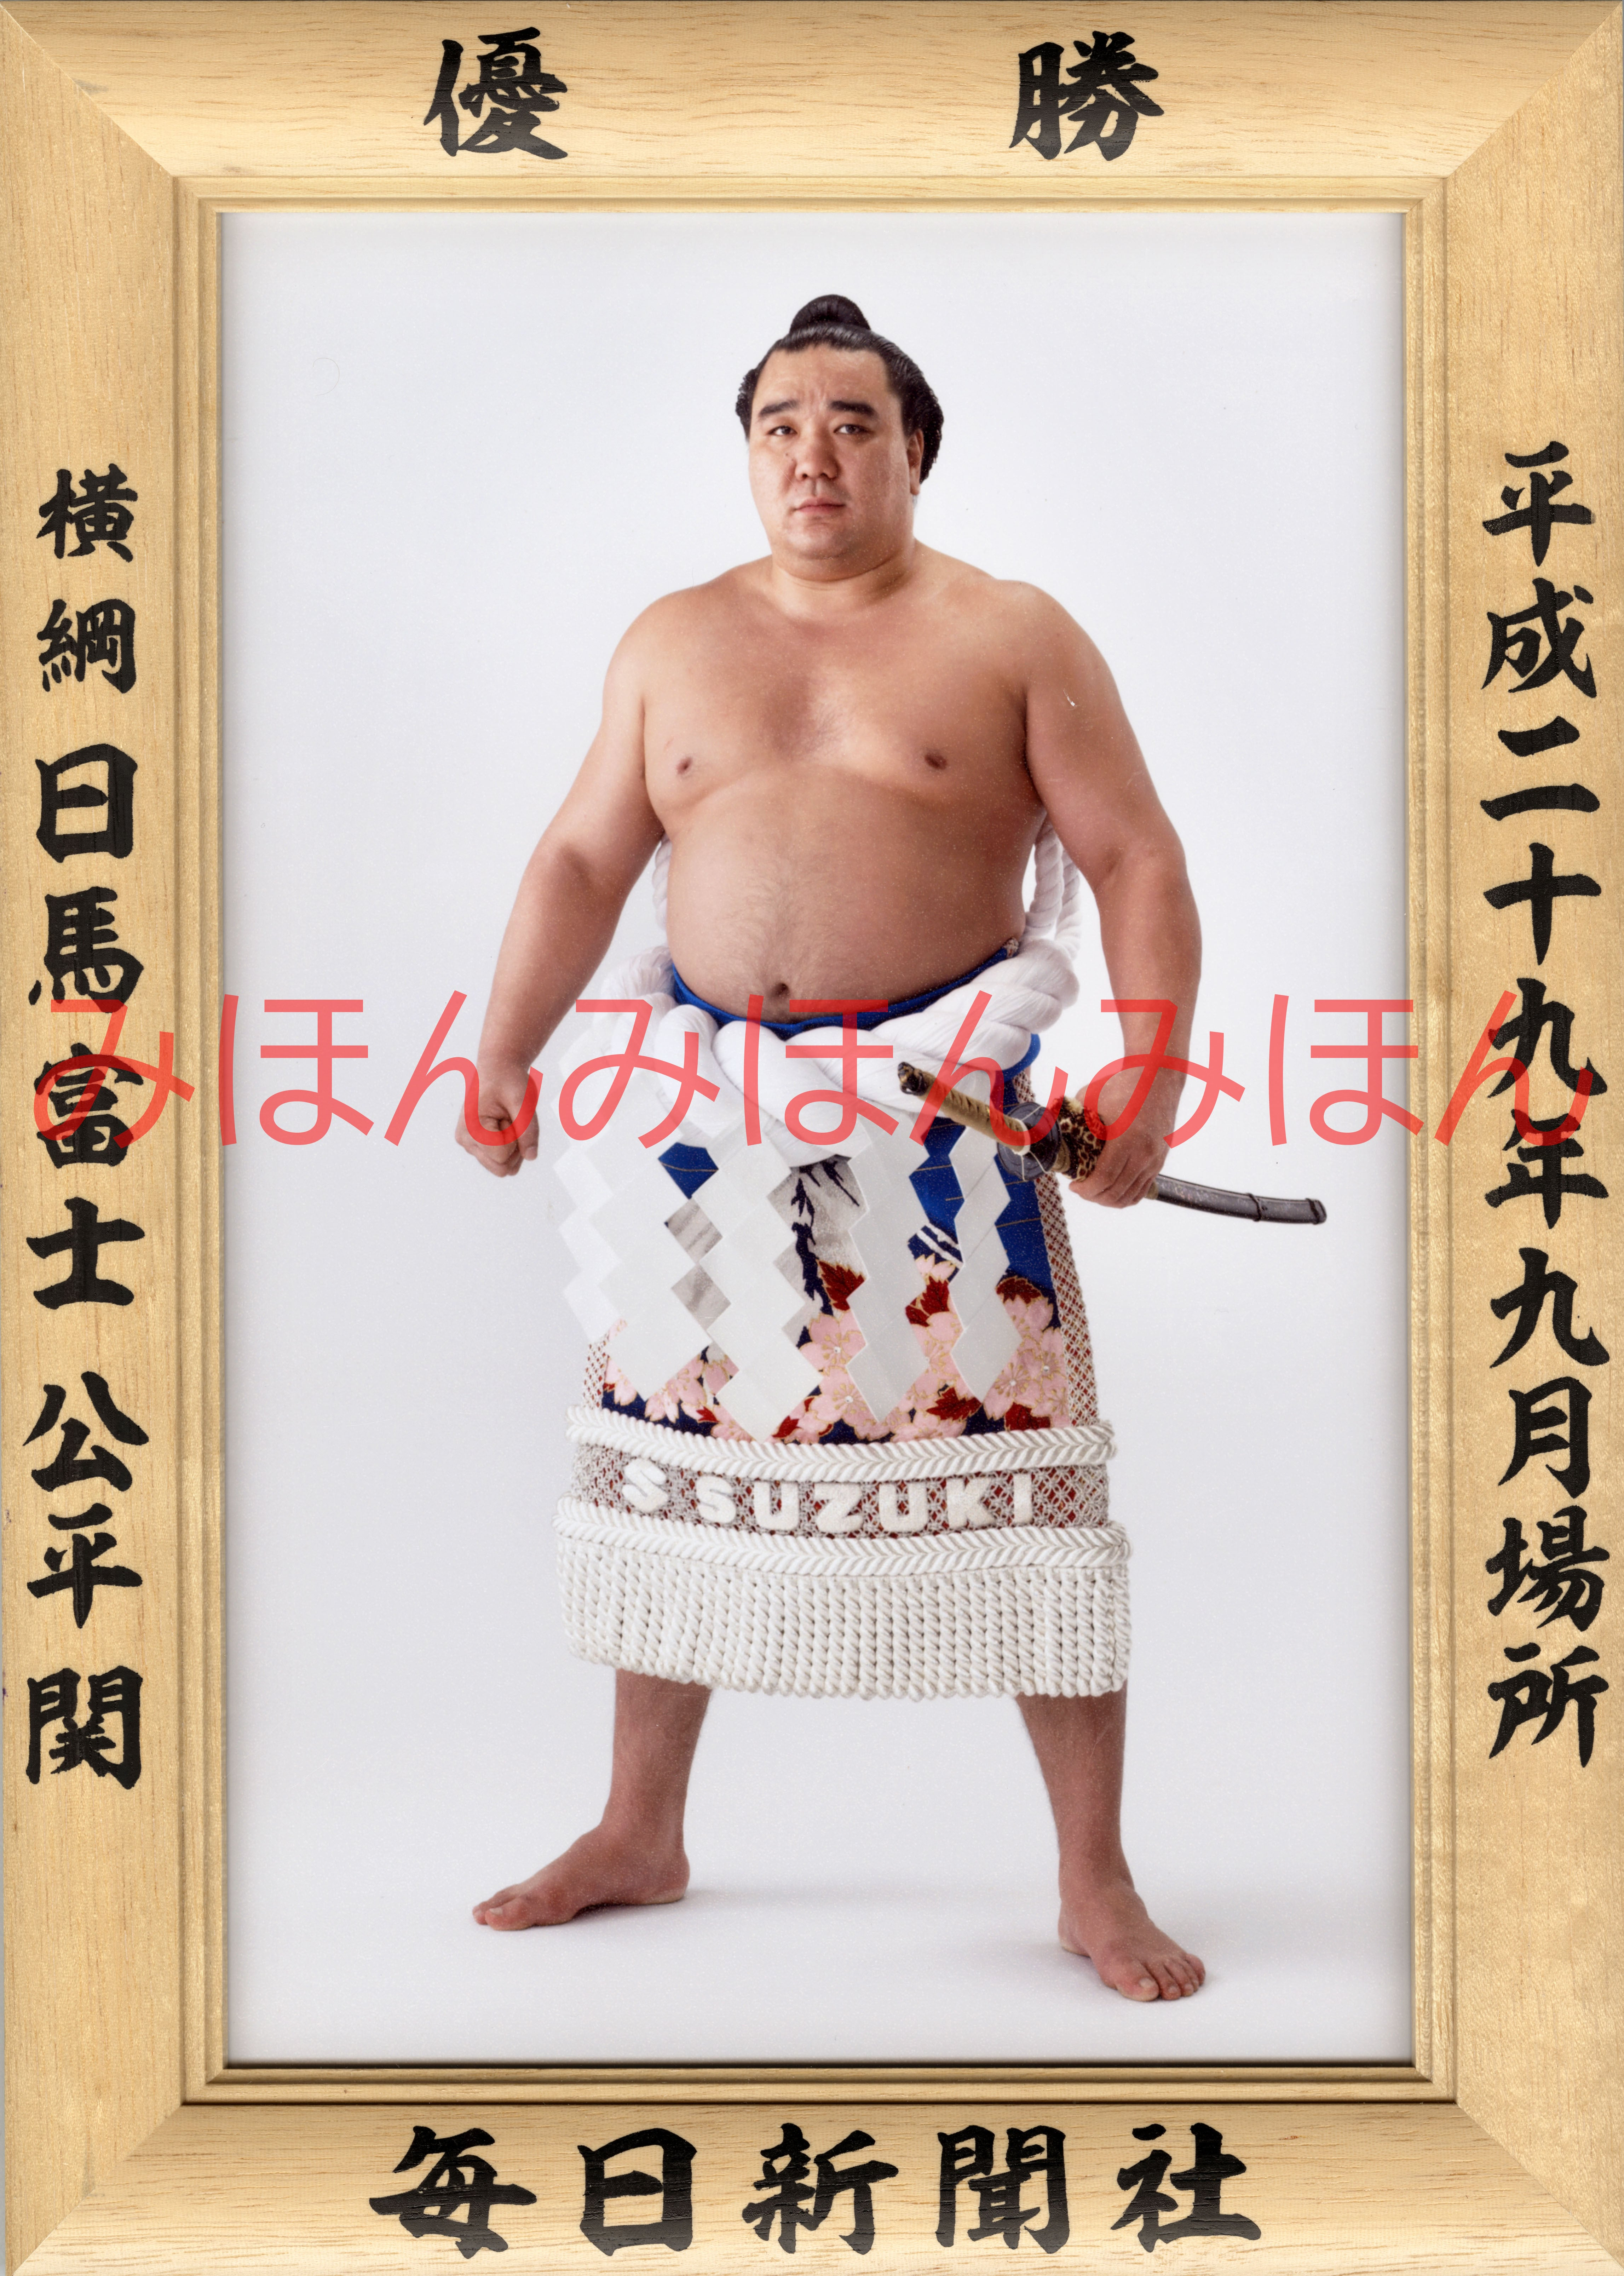 平成29(2017)年9月場所優勝 横綱 日馬富士公平関(9回目最後の優勝)